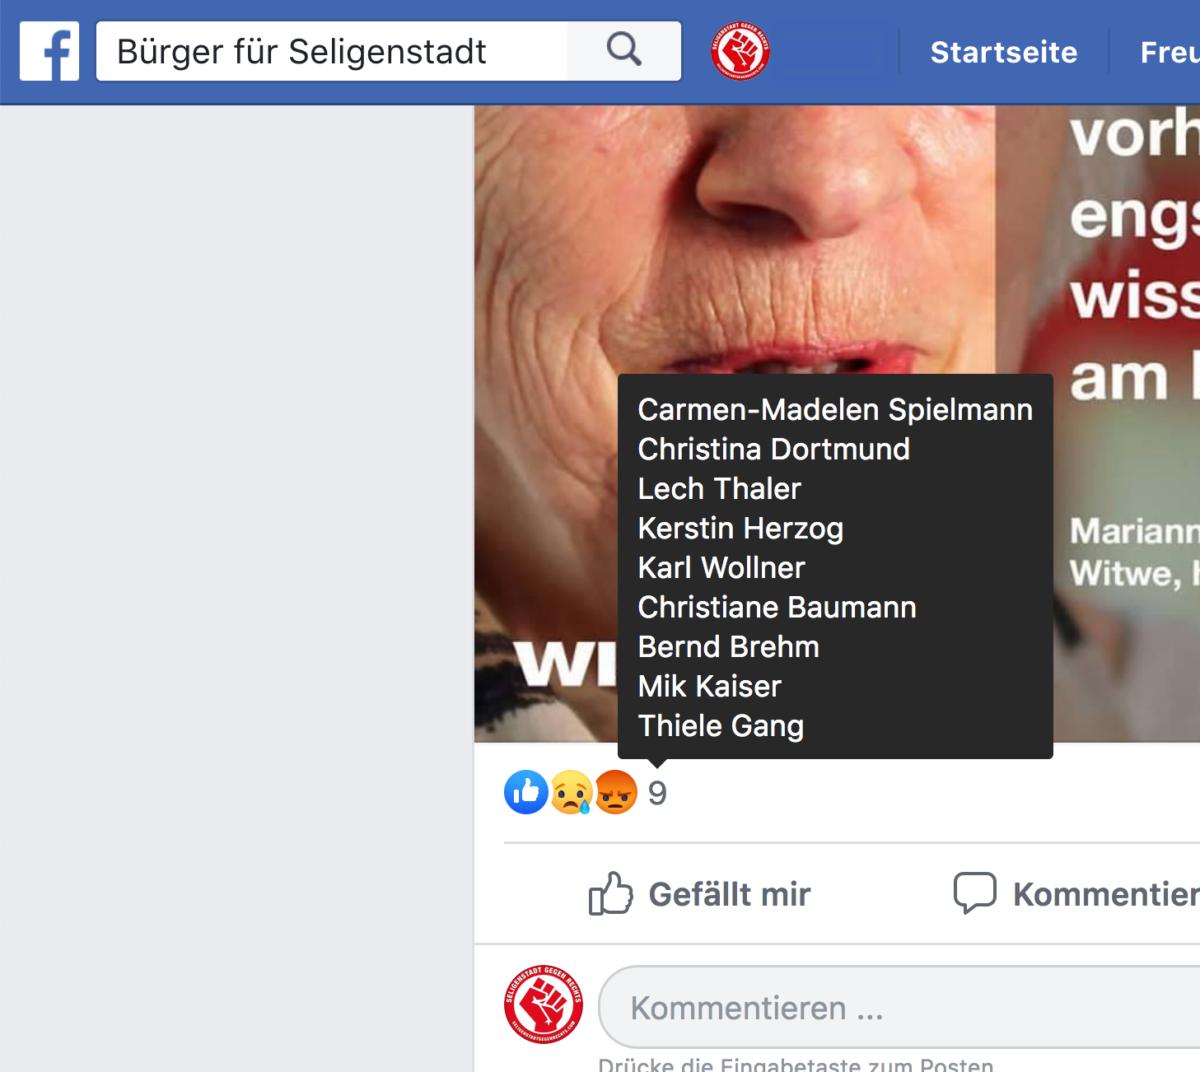 Bürger für Seligenstadt,BfS pic_21180